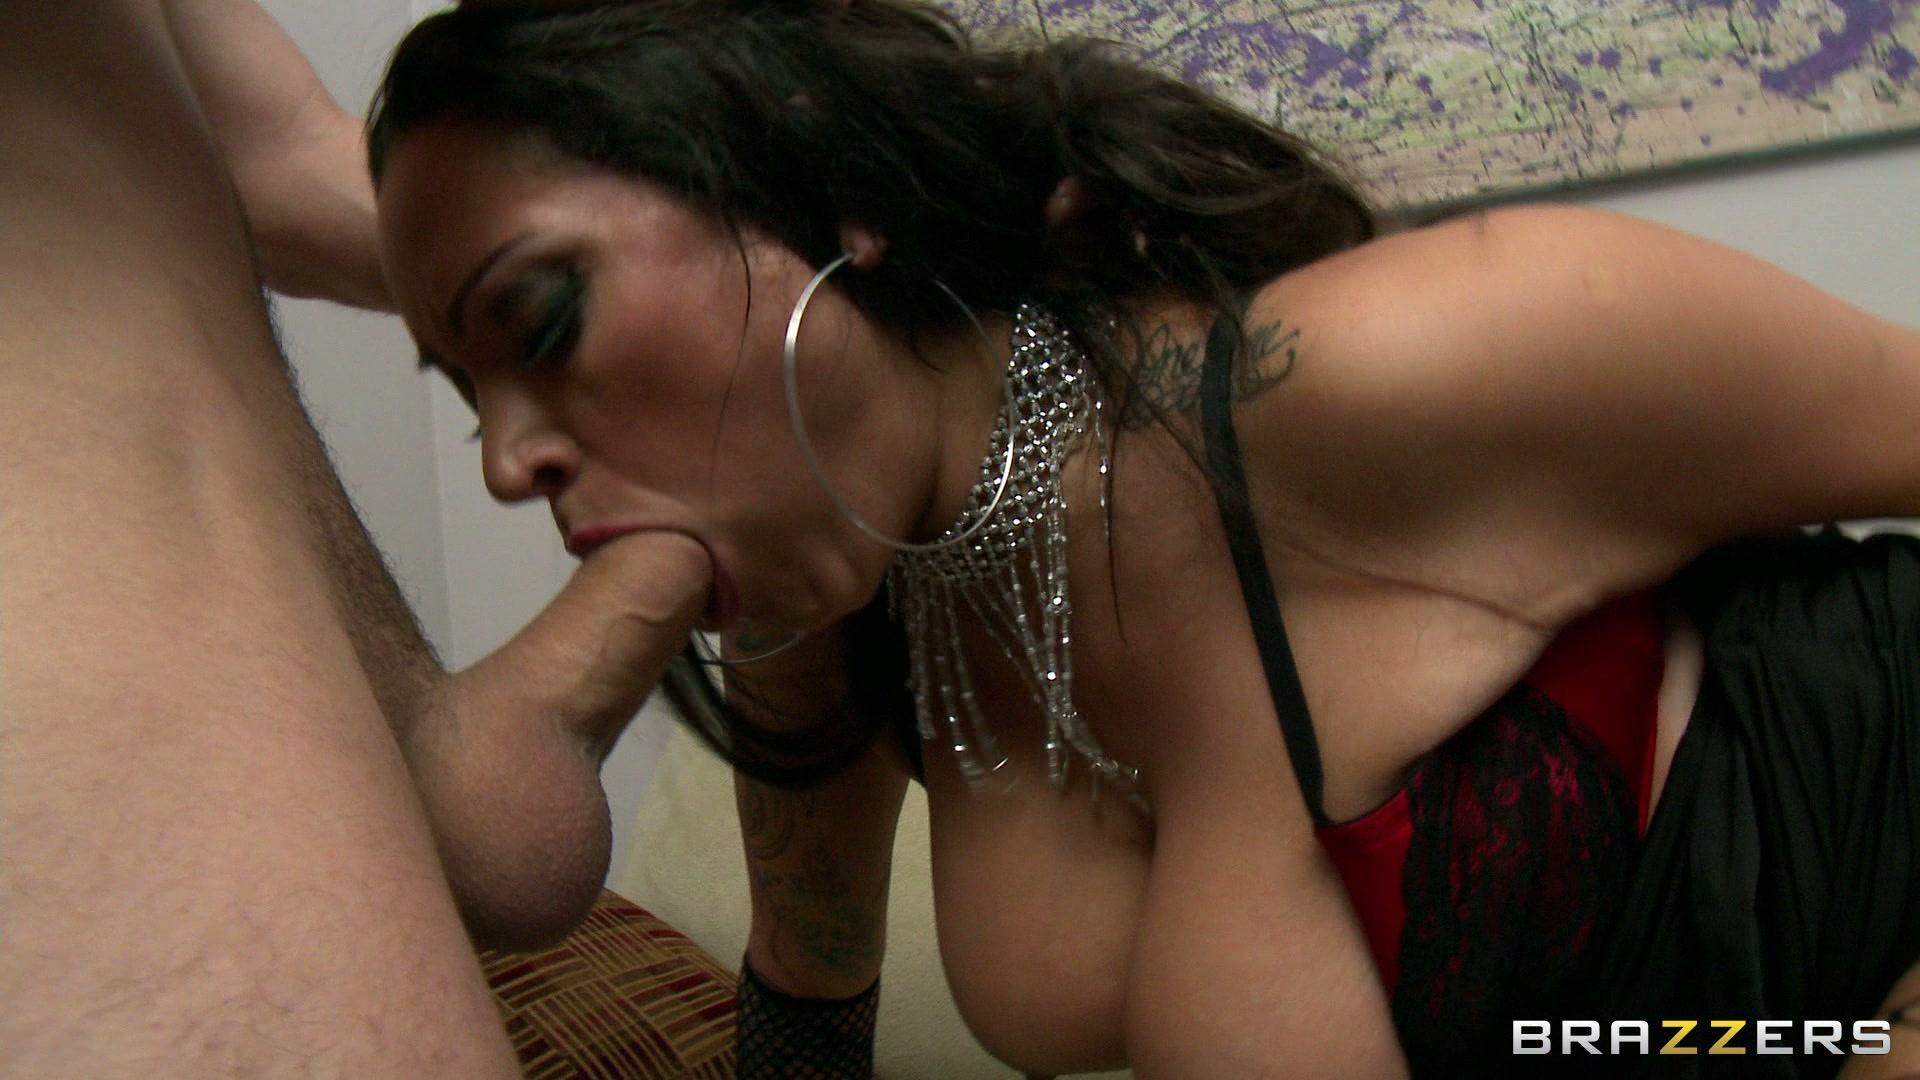 Vdeos porno Nikita Denise Pornhubcom